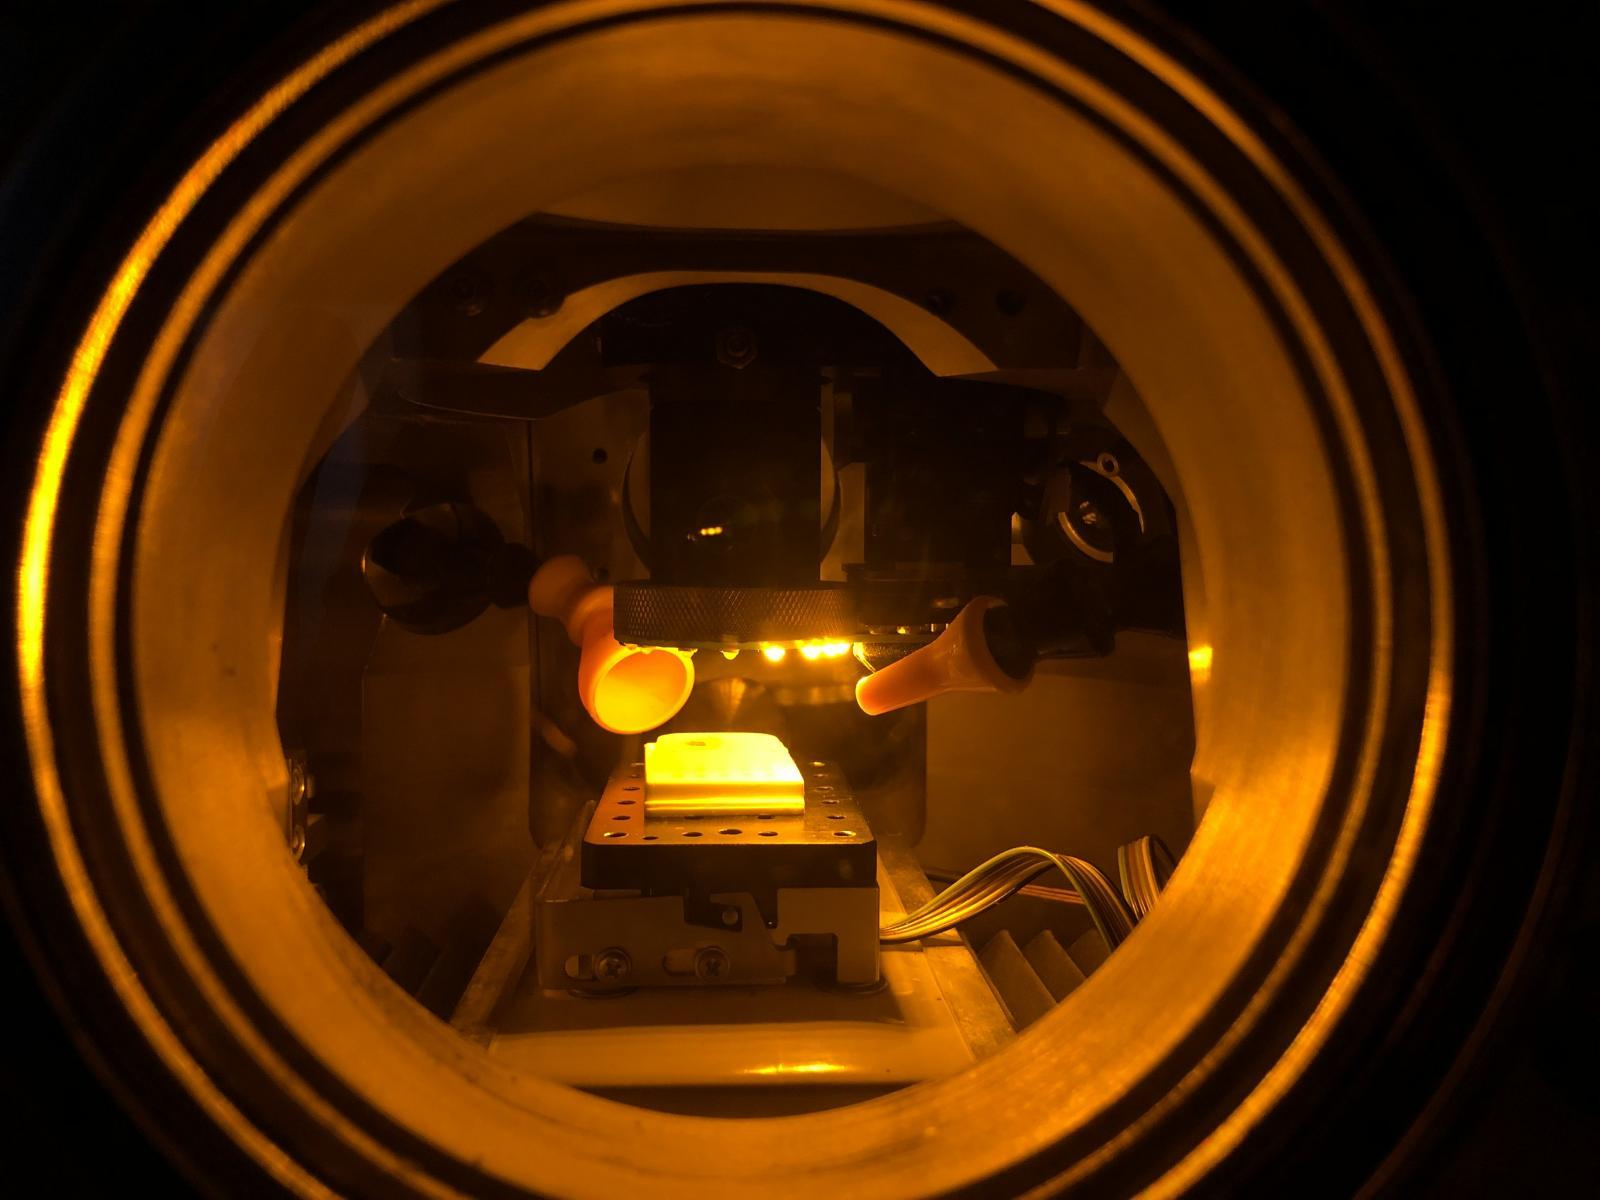 Vzorek měkké tkáně srakovinou umístěný vinterakční komoře určené pro analýzu metodou LIBS. Kredit: archiv Pavla Pořízky / CEITEC.